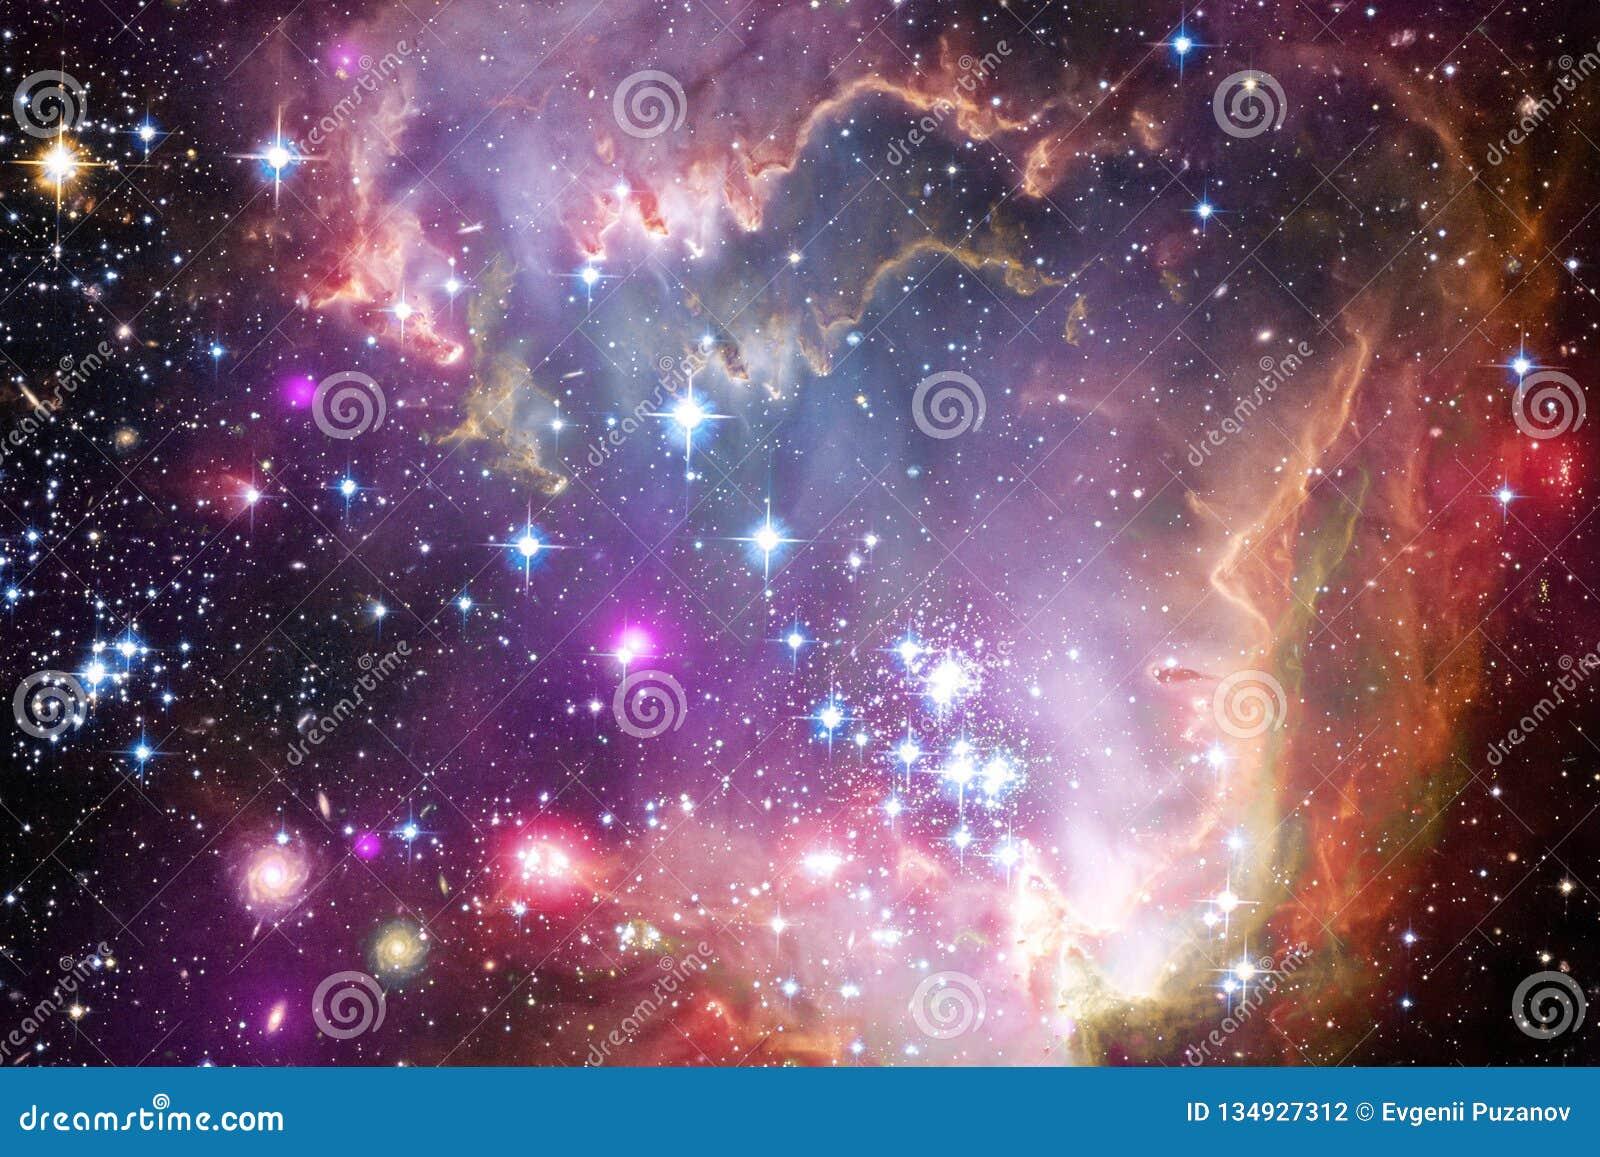 Межзвёздные облака и много звезд в космическом пространстве Элементы этого изображения поставленные NASA